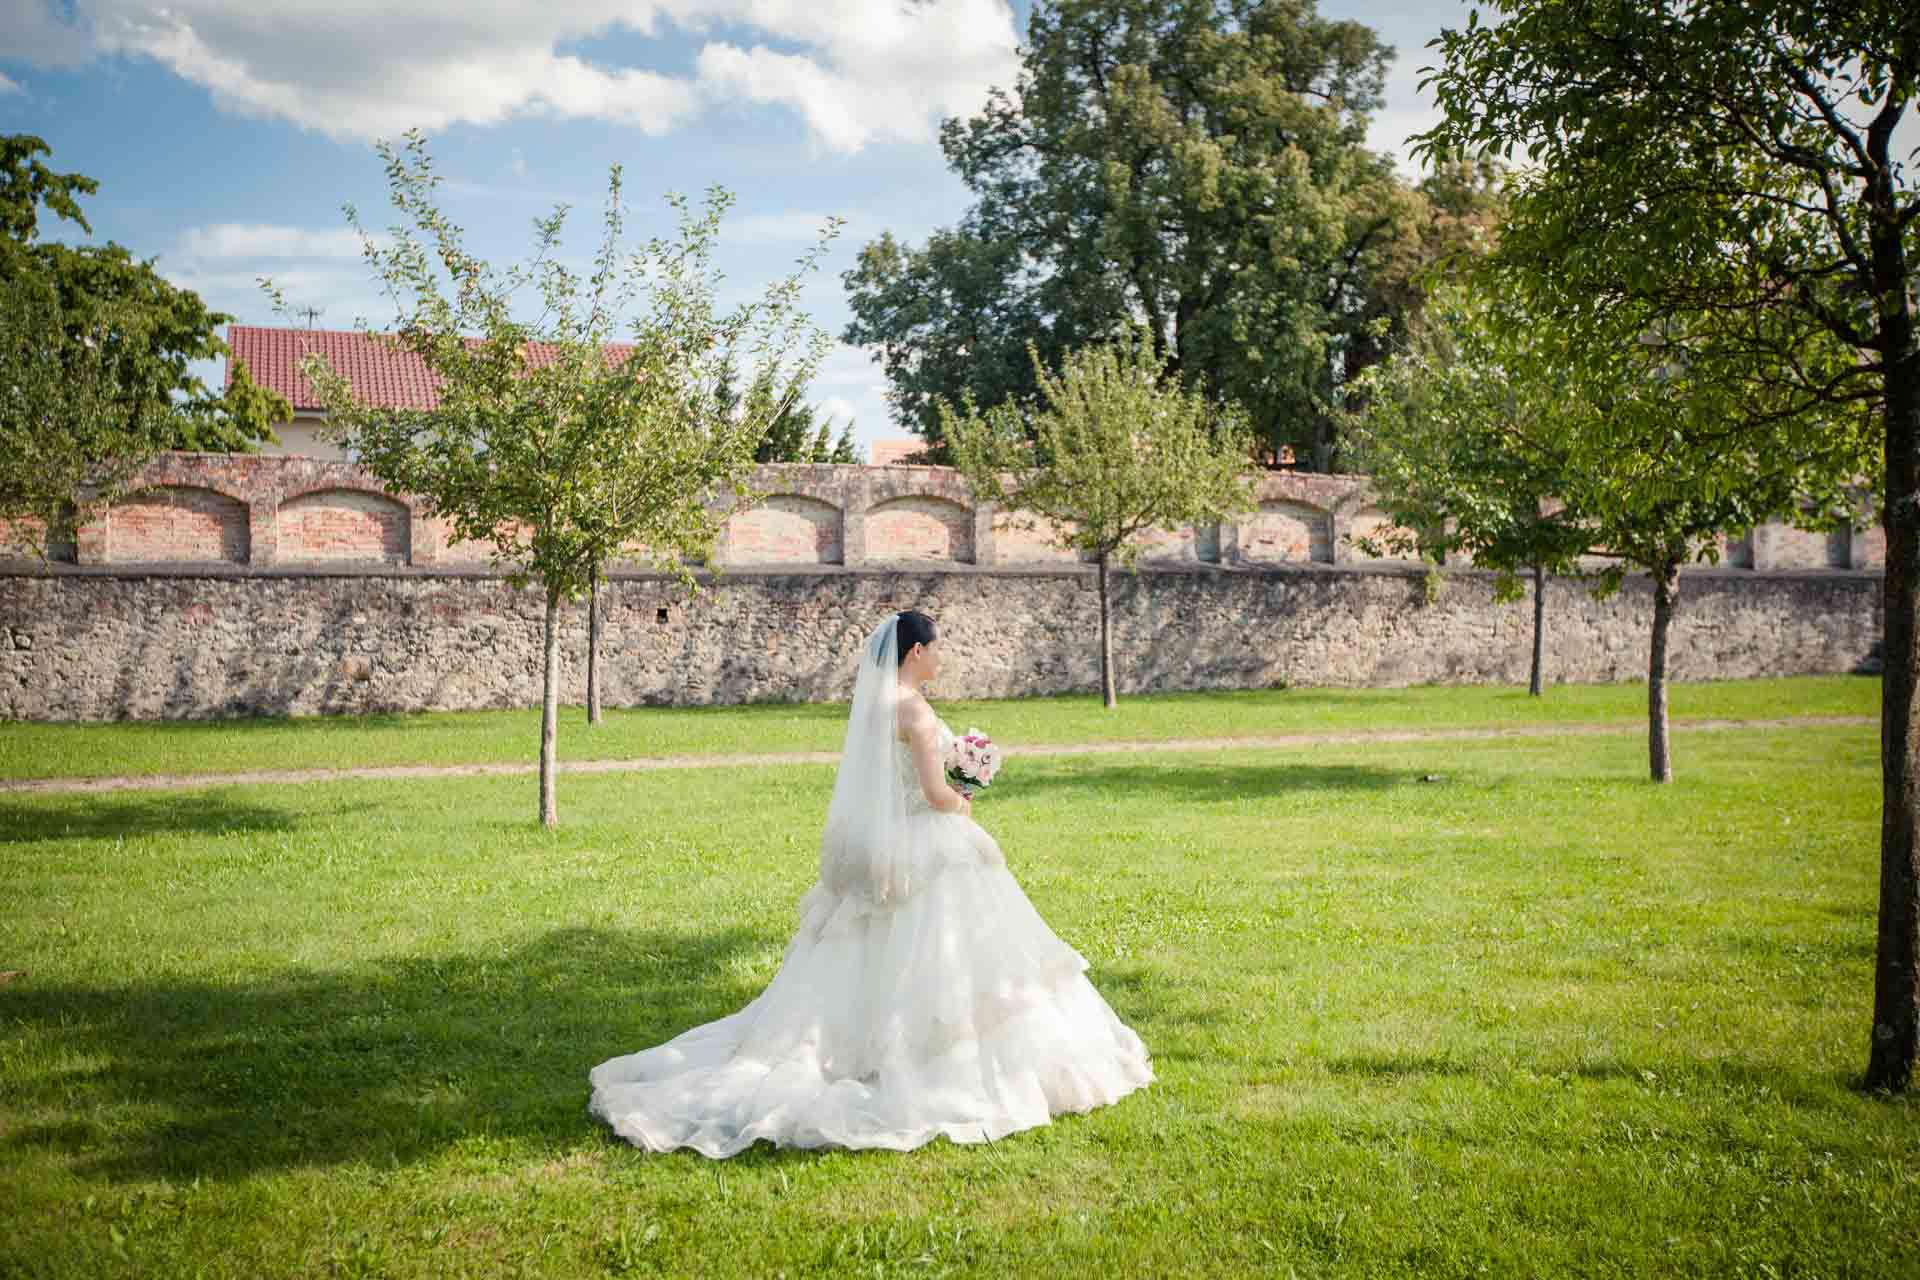 Groß Budget Brautkleid Fotos - Hochzeit Kleid Stile Ideen ...